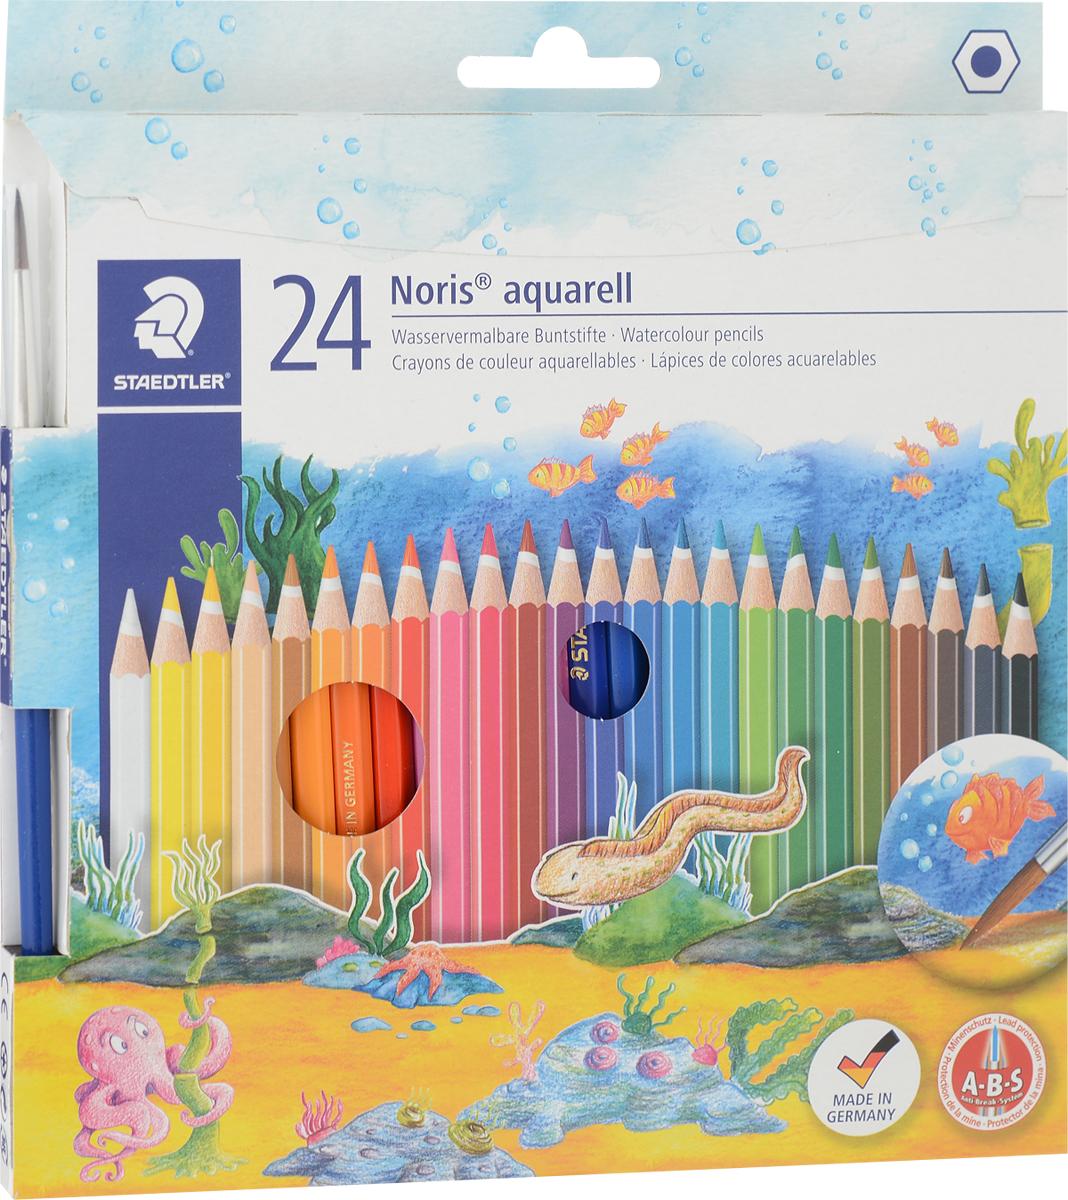 Staedtler Набор акварельных карандашей Noris Club с кисточкой 24 цвета14410NC24Набор цветных карандашей Staedtler Noris Club предназначен для школы и творческихмастерских.Хорошо размываются водой.Цветалегко смешиваются между собой, можно получить практически любой оттенок, при желаниидобившись нежного эффекта акварели. Интересный эффект достигается, когда рисунок наносится на предварительно смоченныйкартон или бумагу.Карандаши шестиграннойформы, корпус выполнен из натурального дерева. Грифель, даже при падении карандаша, неломается, так как надежно защищен системой ABS(anti breakage system) - дополнительным белым слоем.В комплекте идет кисточка с защитнымколпачком.Акварельные карандашисоответствуют всем европейским стандартам.Уважаемые клиенты! Обращаем ваше внимание на то, что упаковка может иметь несколько видовдизайна.Поставка осуществляется в зависимости от наличия на складе.